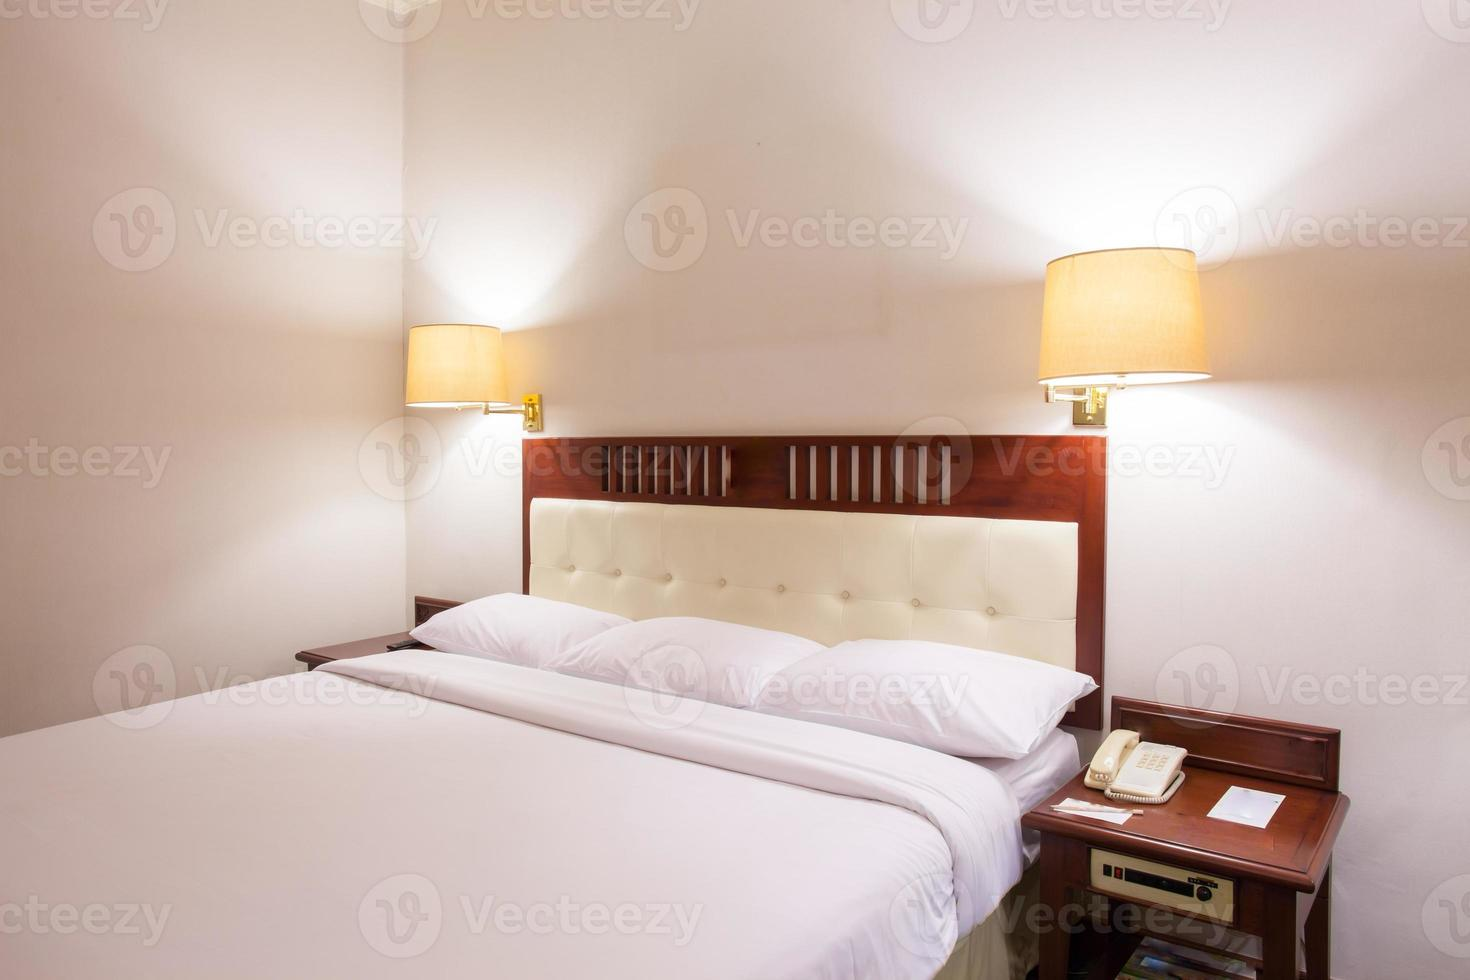 chambre blanche standard dans l'hôtel photo